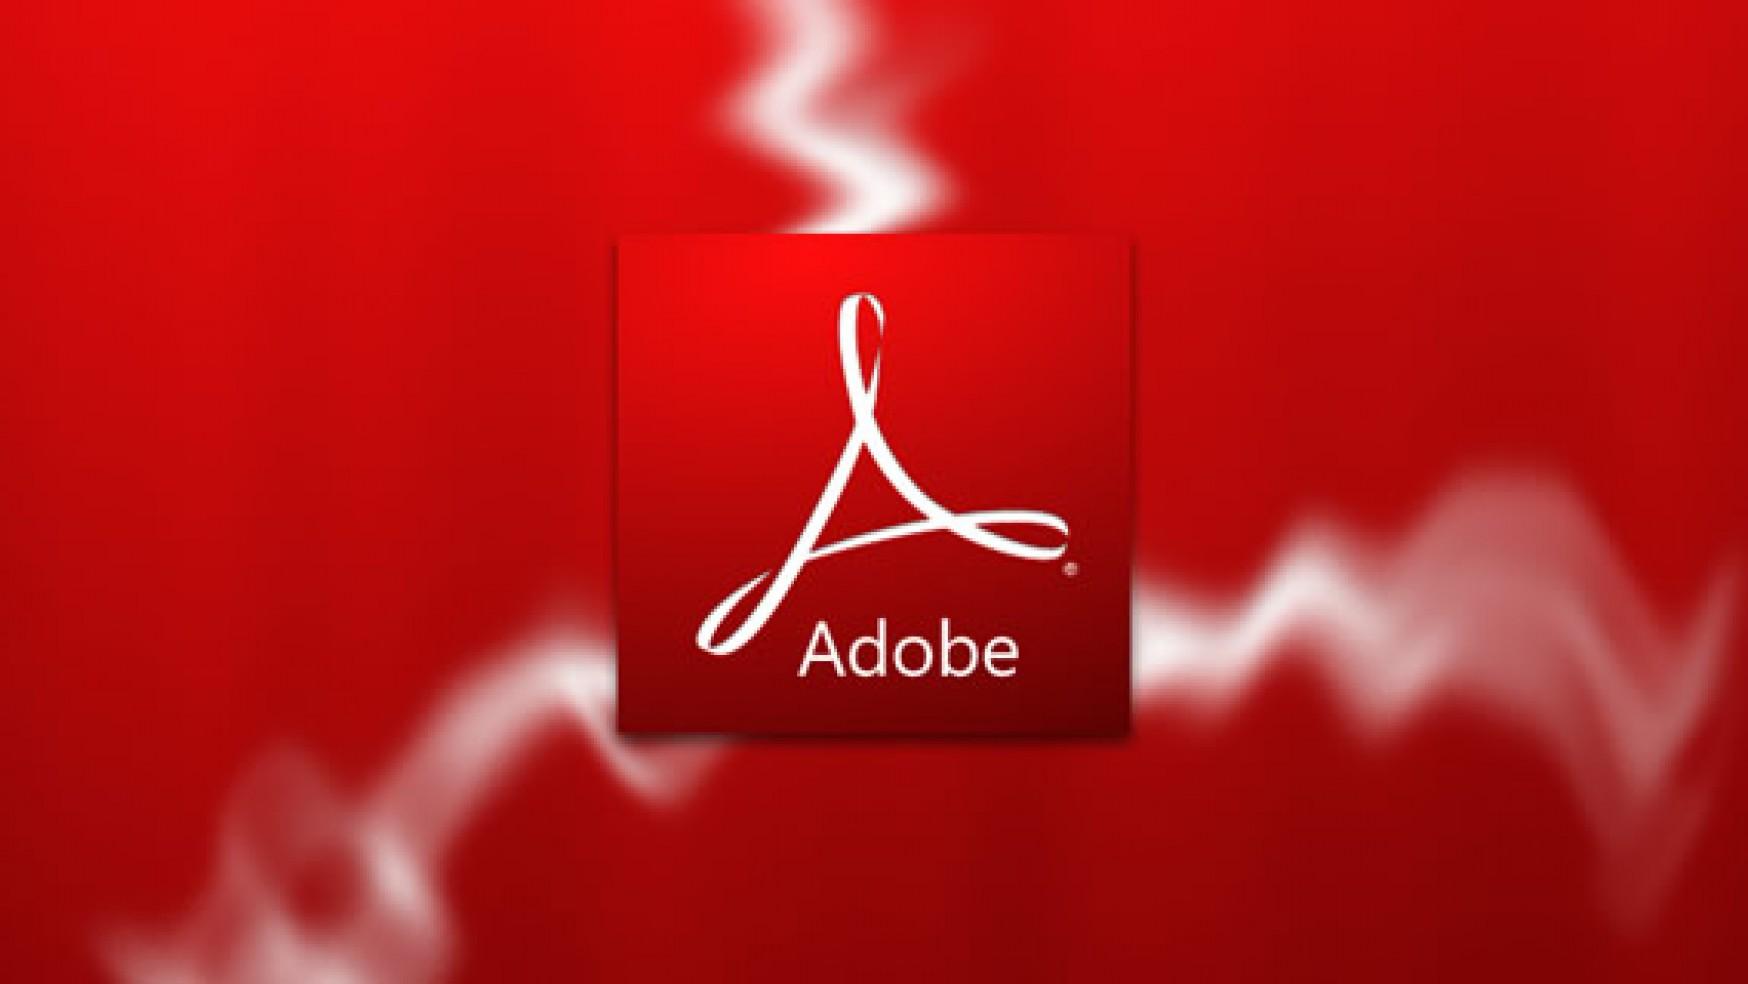 Come installare Adobe Flash Player 1